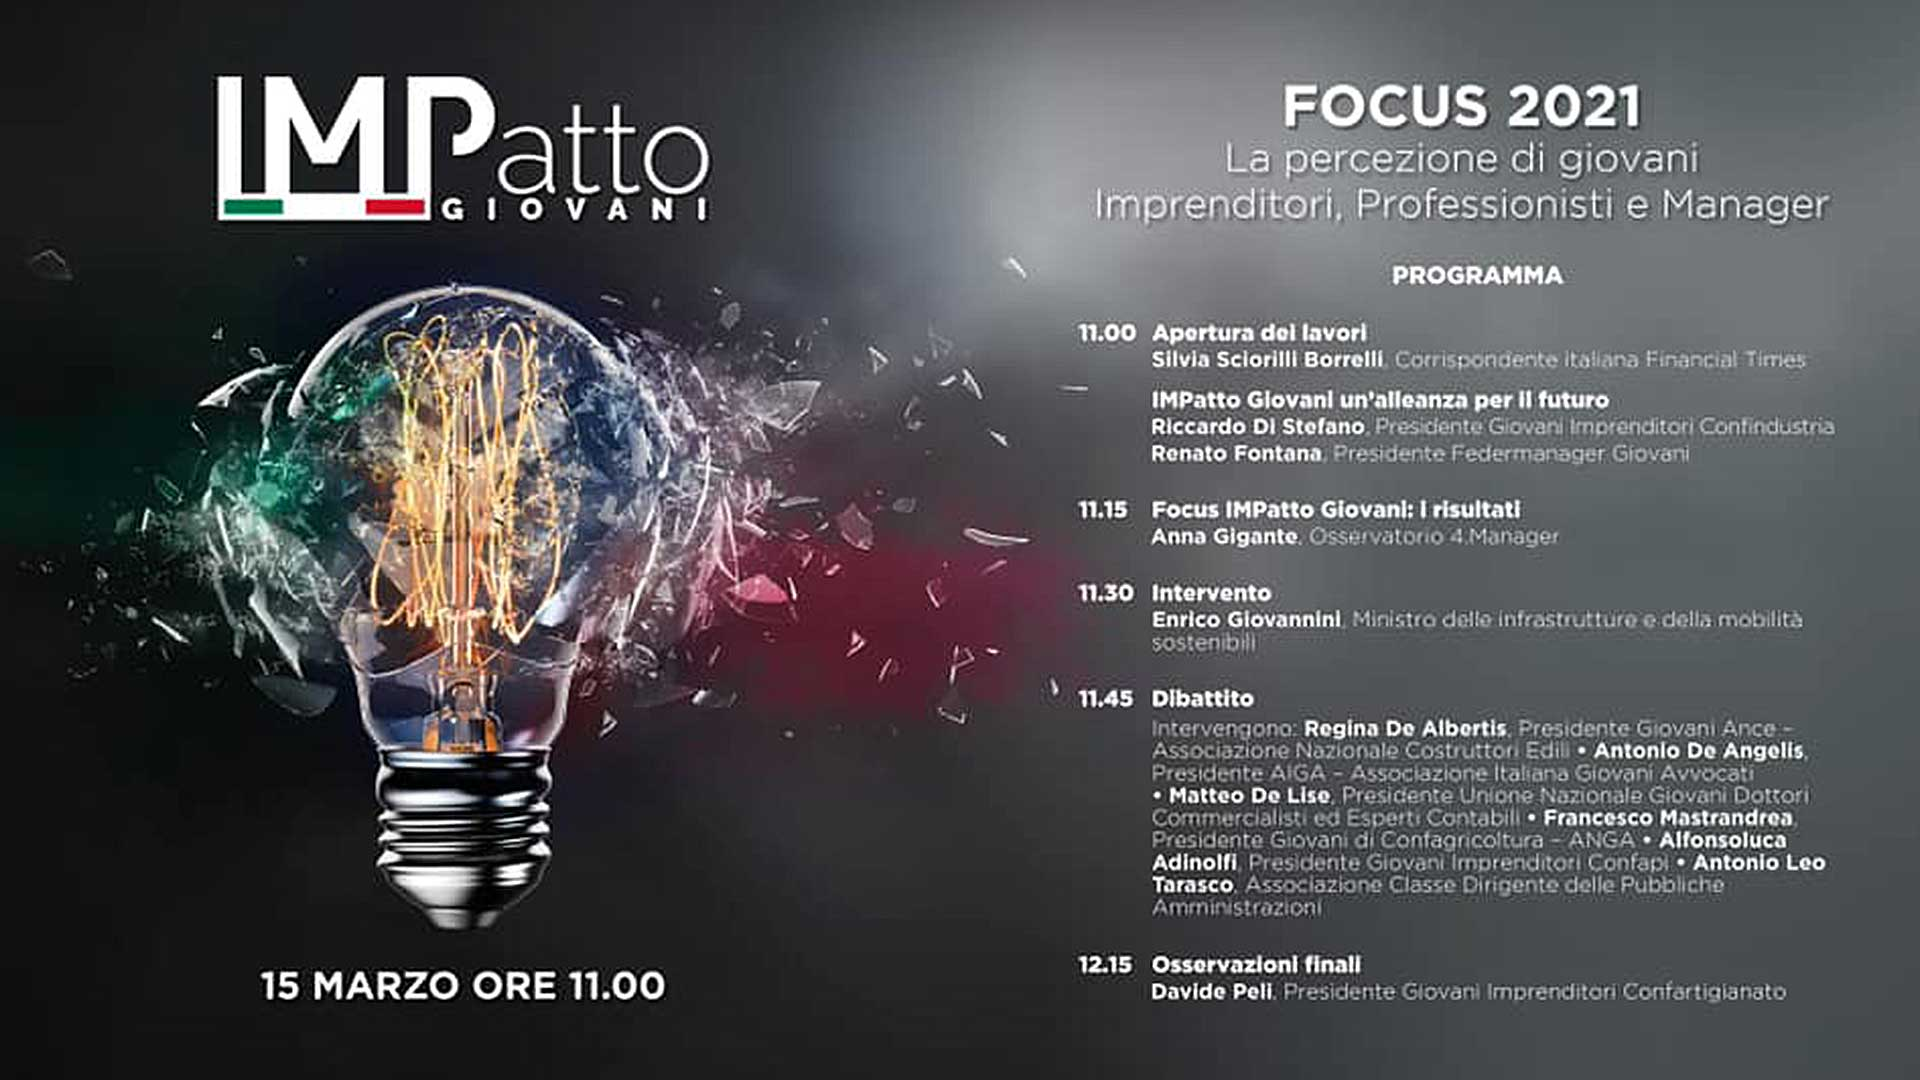 GIOVANI – Appuntamento il 15 marzo con IMPatto Giovani, il futuro dell'economia visto dai Giovani Imprenditori: segui la diretta on-line